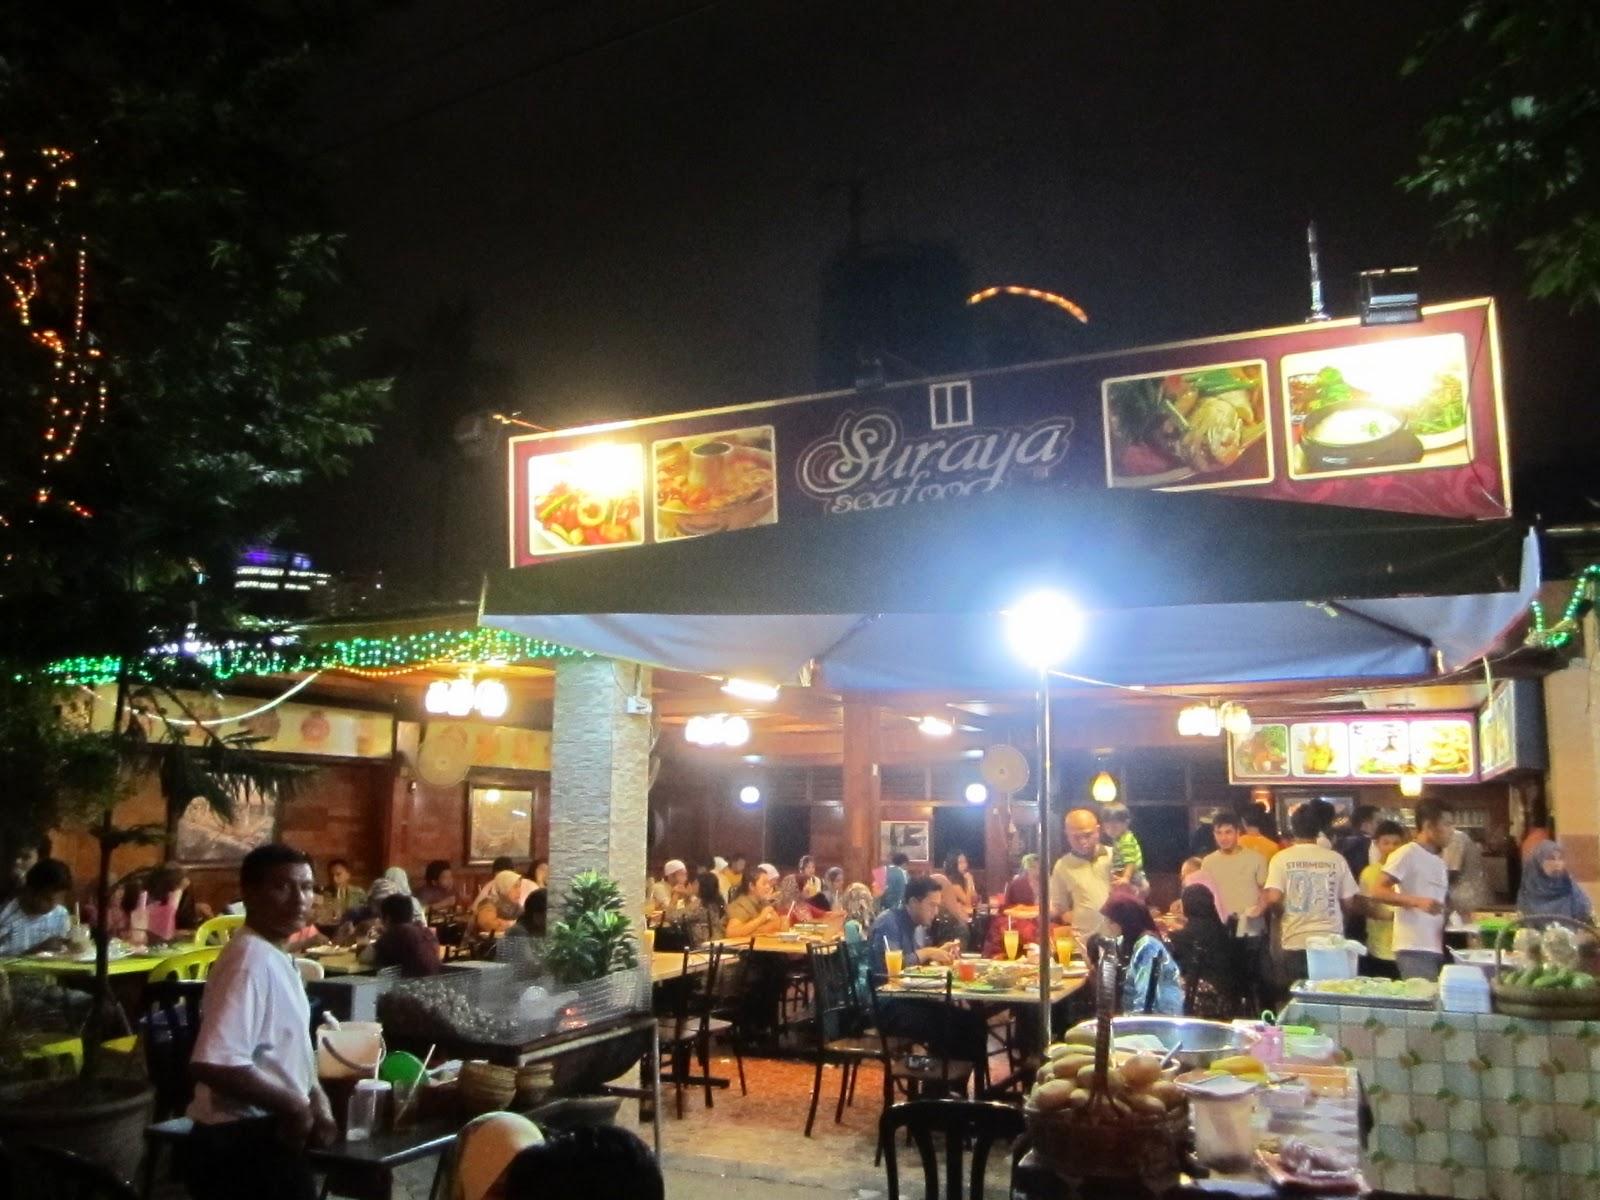 kampung-baru-restoran-suraya.jpg